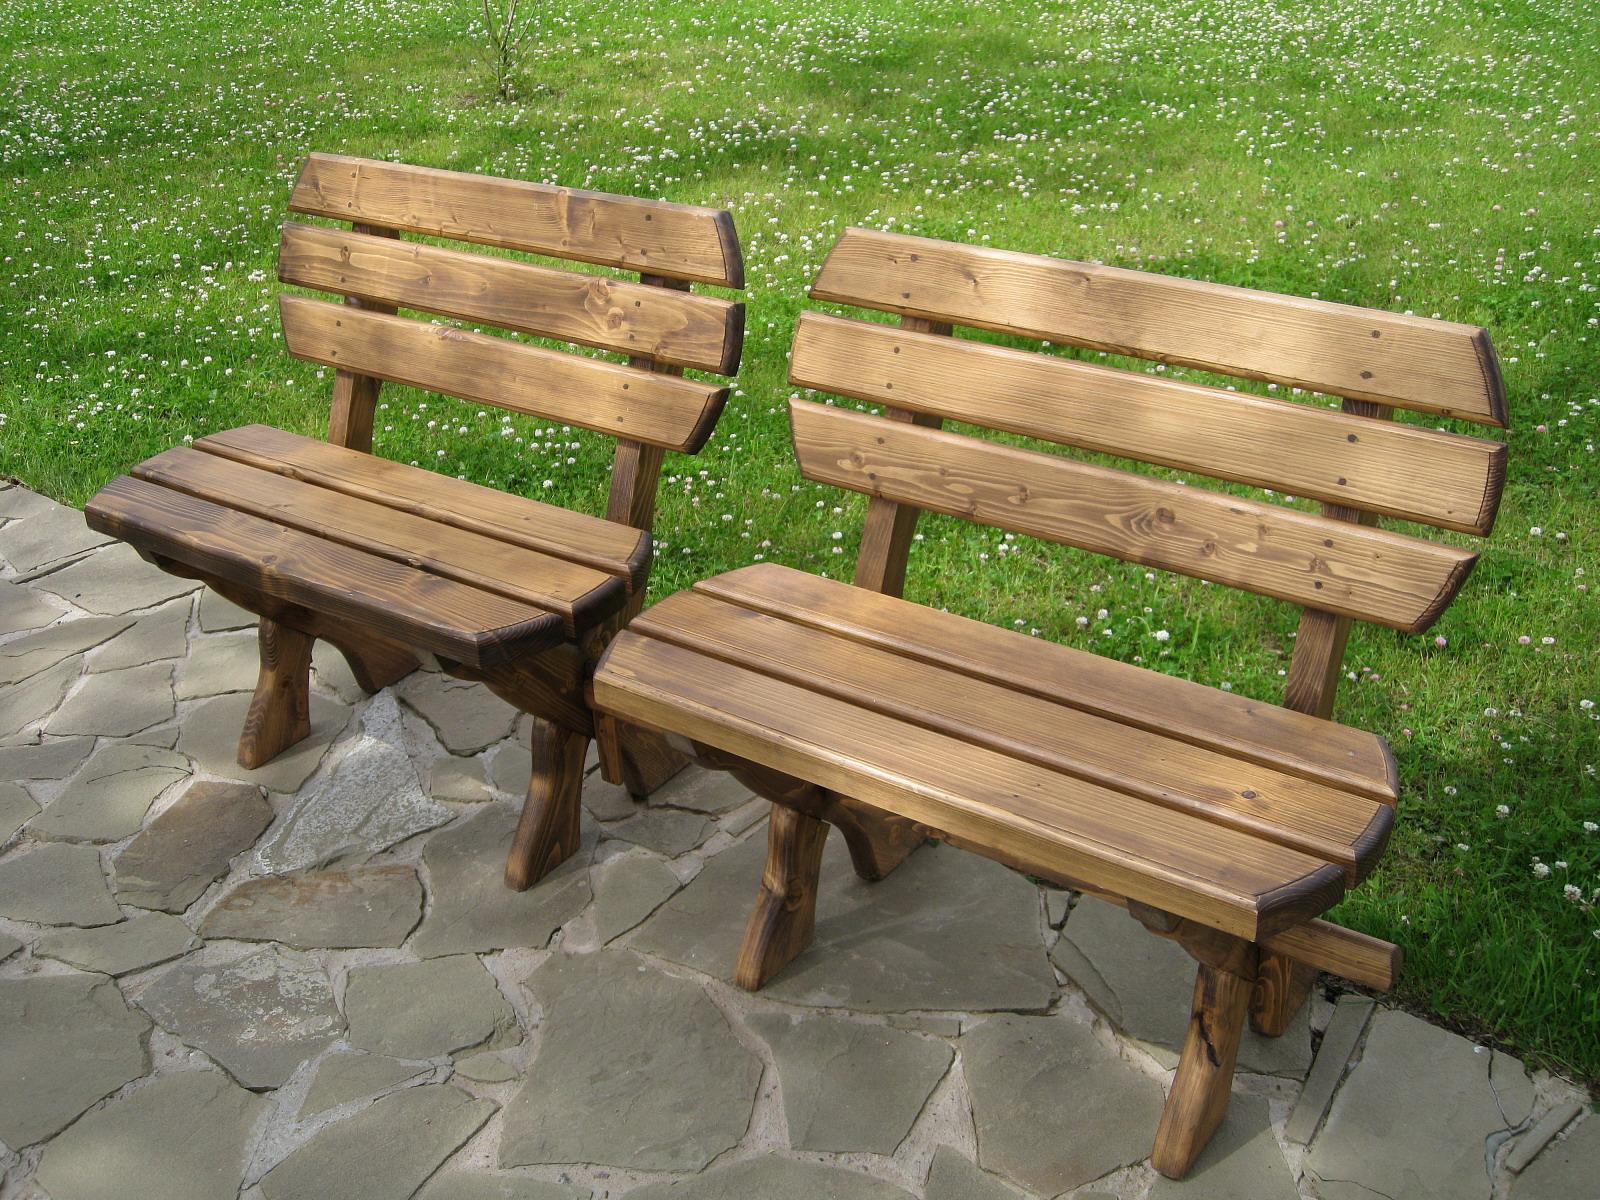 Садовая скамейка для дачи своими руками - 6 проектов 26